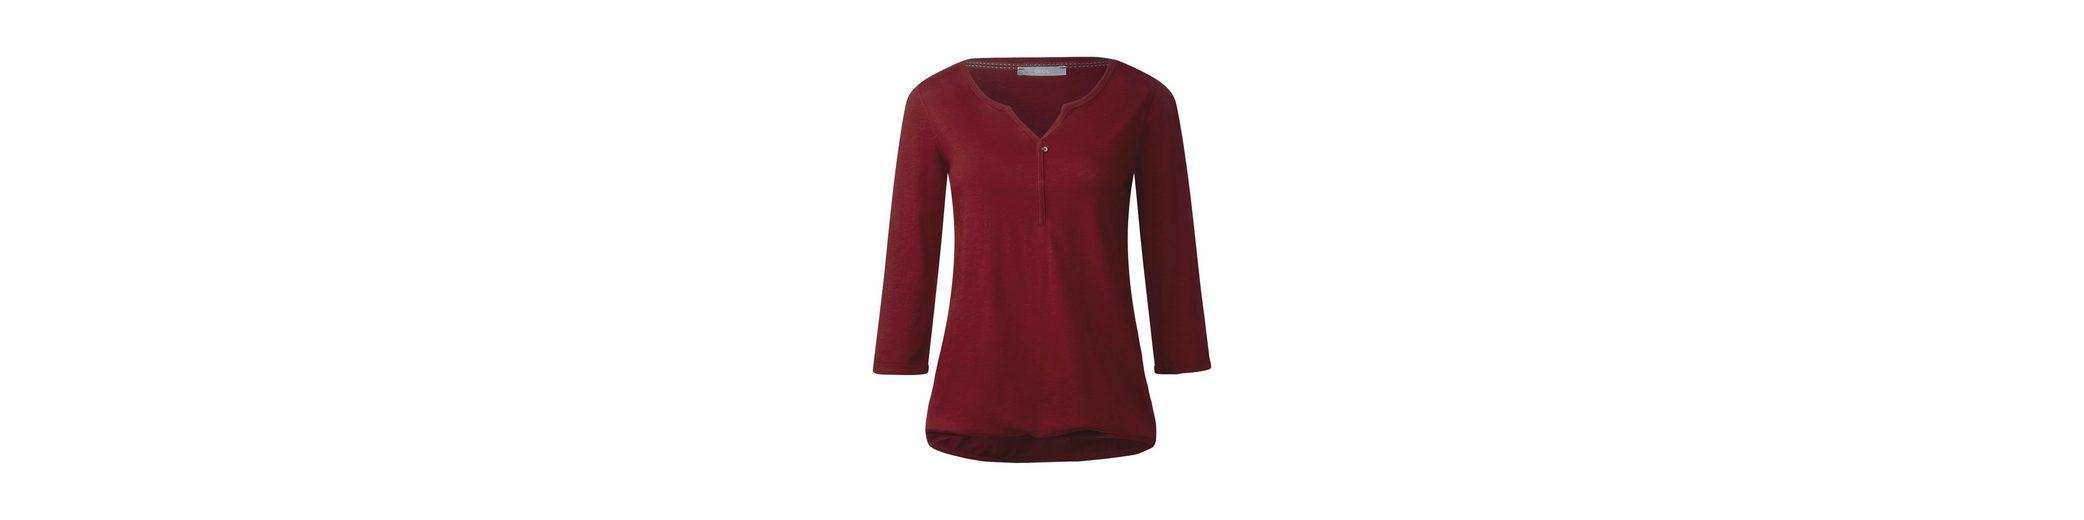 Günstig Kaufen Für Schön Besuchen Zu Verkaufen CECIL Basic 3/4-Arm Shirt Amelie Genießen Footlocker Bilder Online IiFv5P4